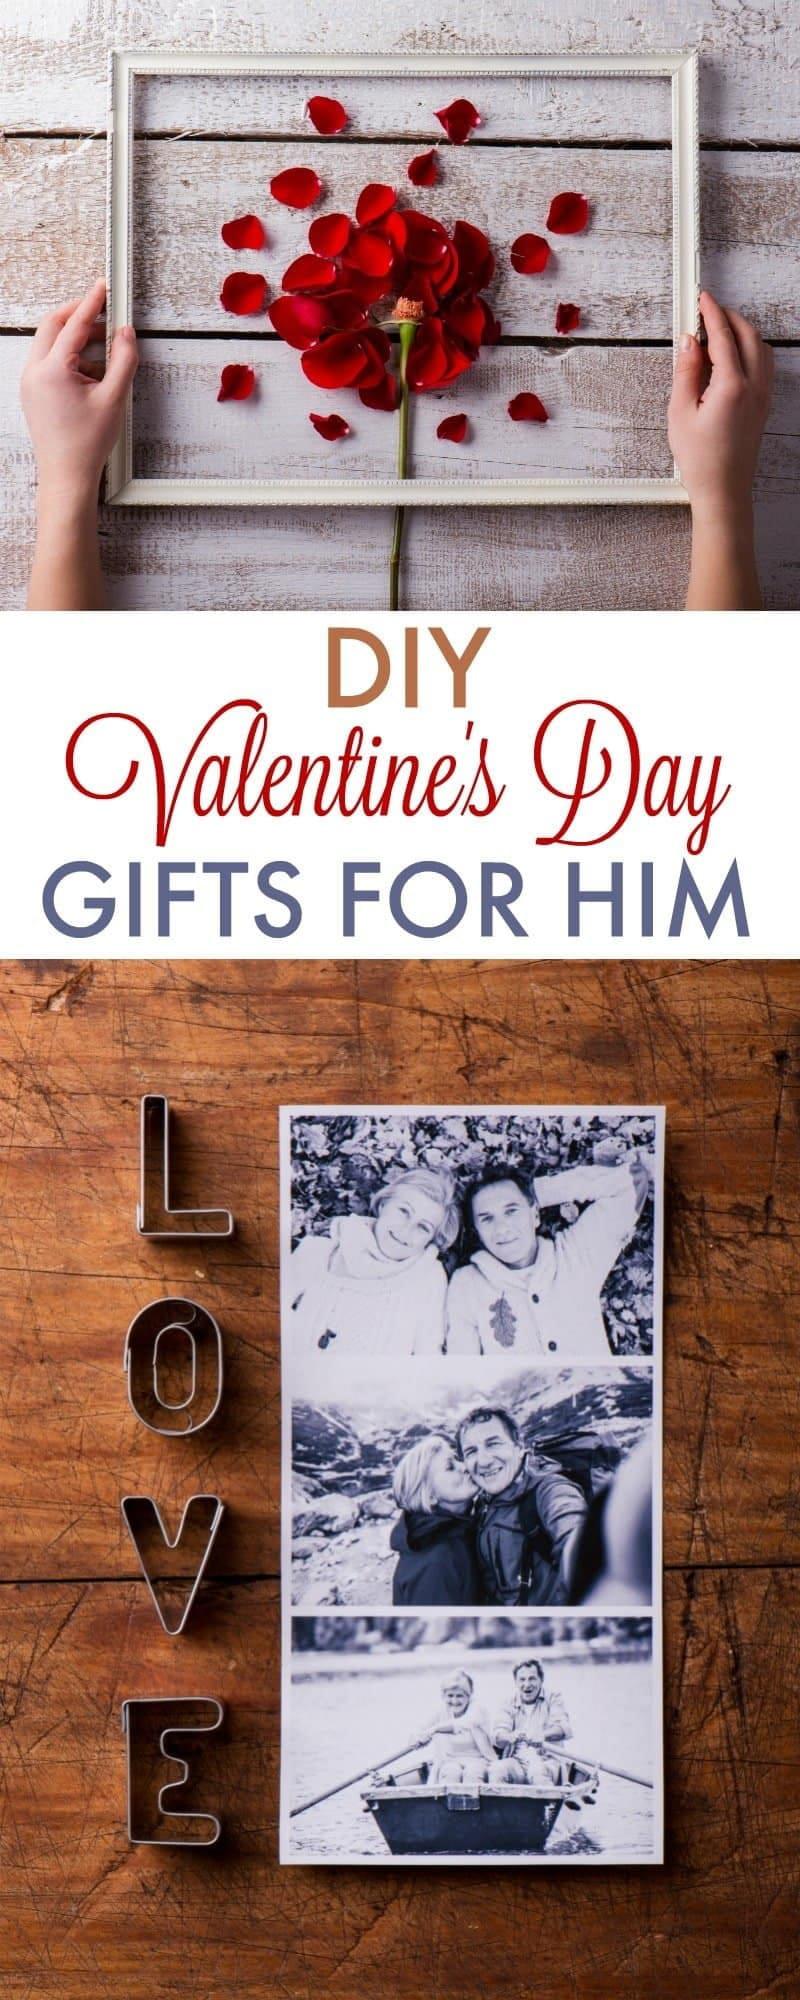 Valentine Gifts For Him DIY  DIY Valentine s Day Gifts for Boyfriend 730 Sage Street